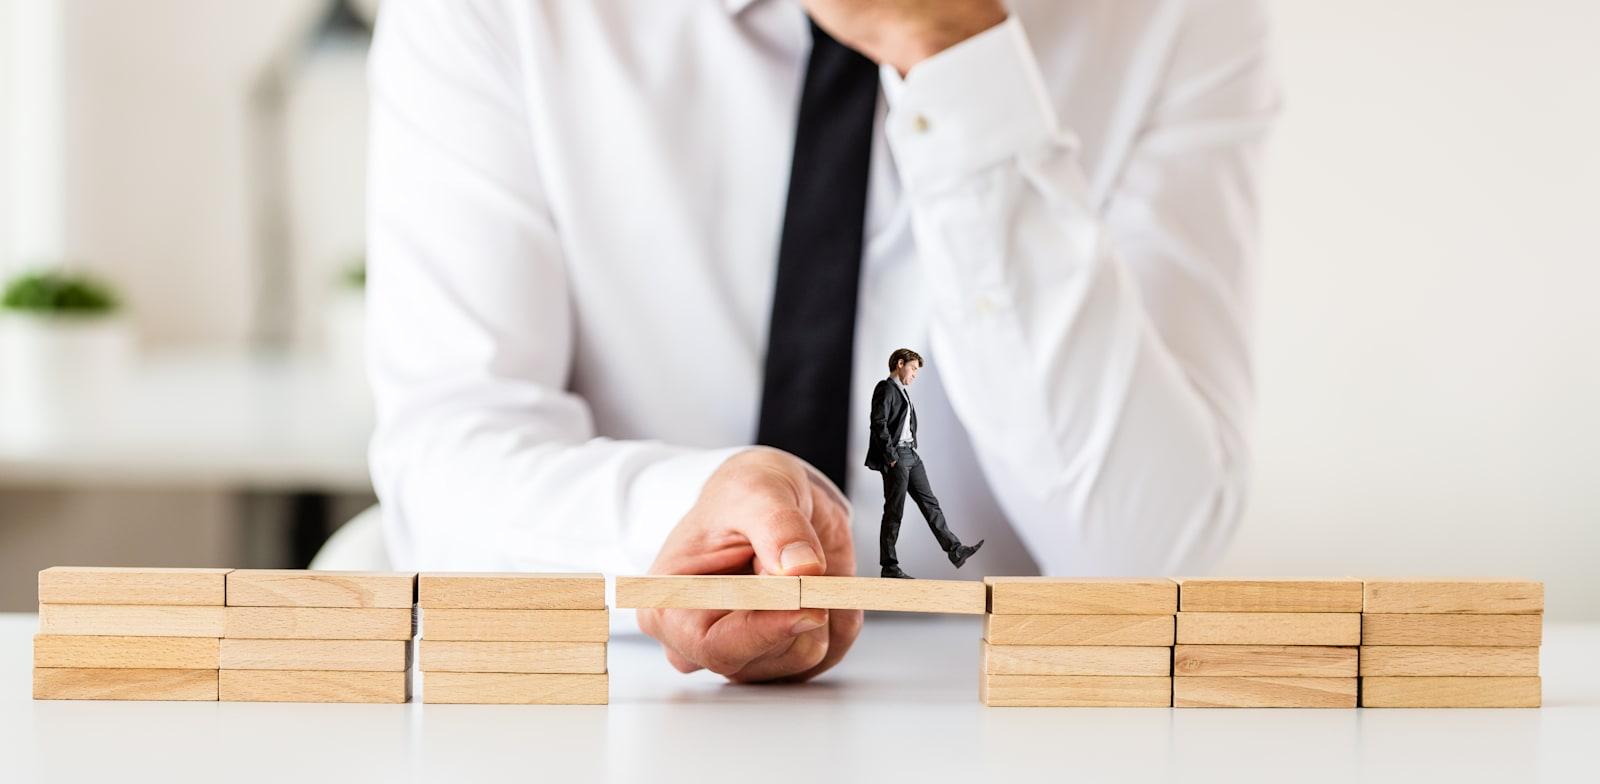 מסתבר שרוב העסקים הבינוניים, לא ממש מקבלים את מה שמגיע להם מהסוכנות לעסקים קטנים ובינוניים / צילום: Shutterstock